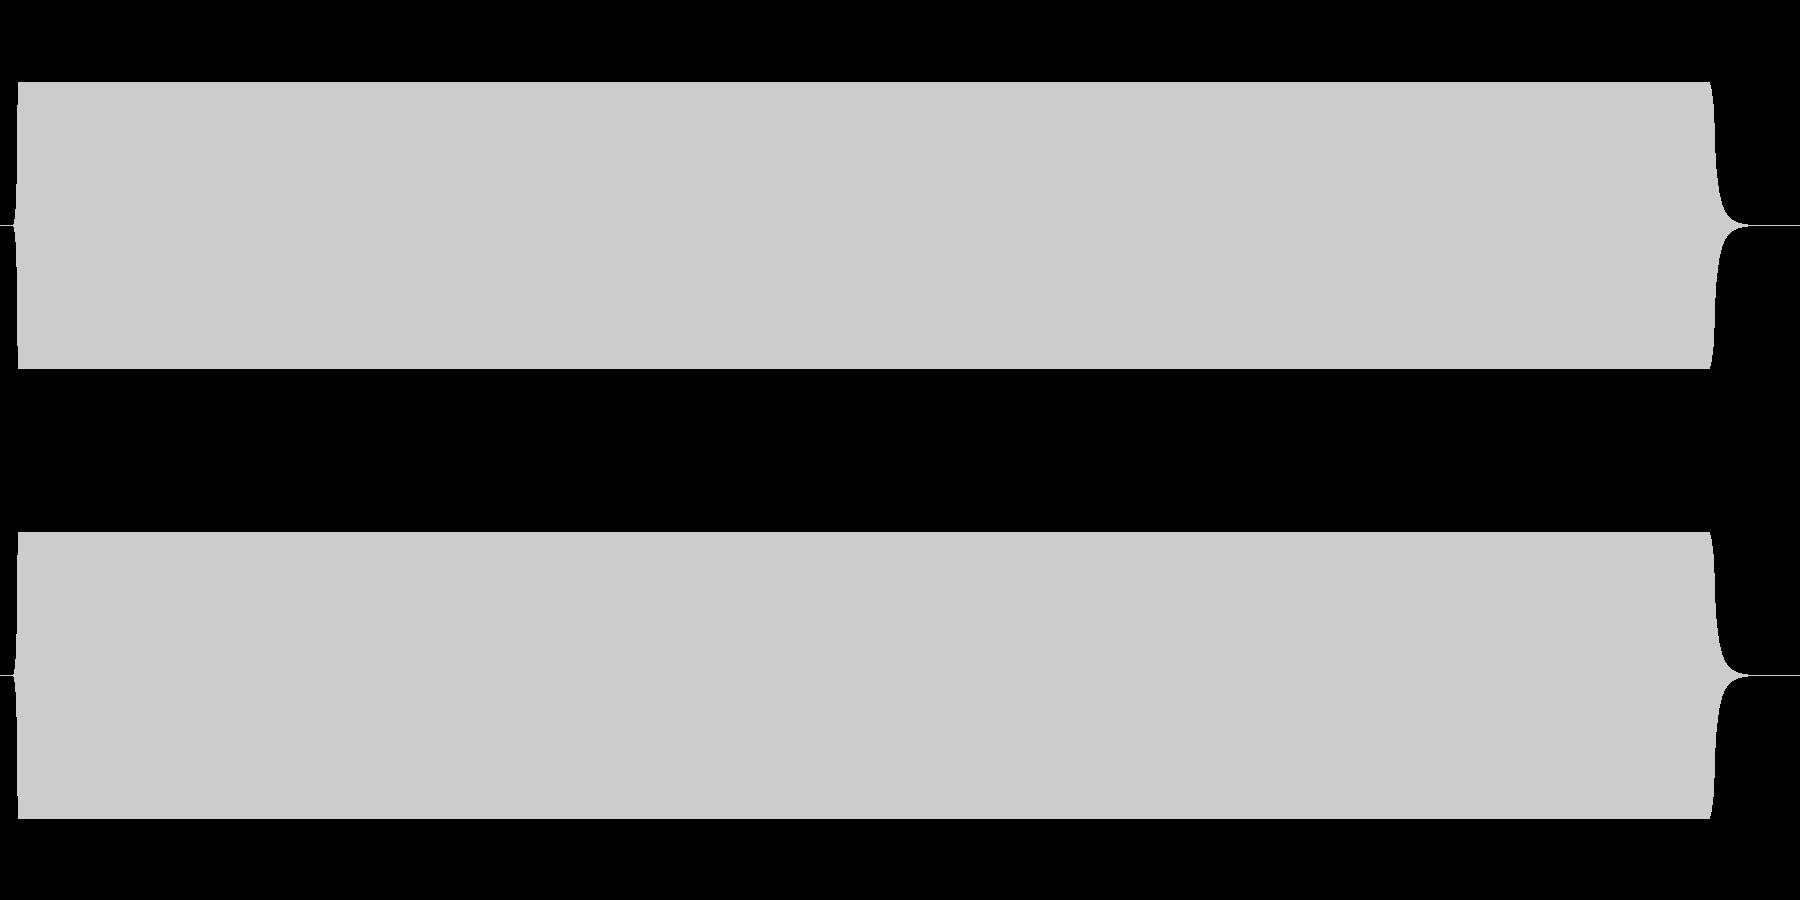 放送禁止 自主規制 ピー音04の未再生の波形